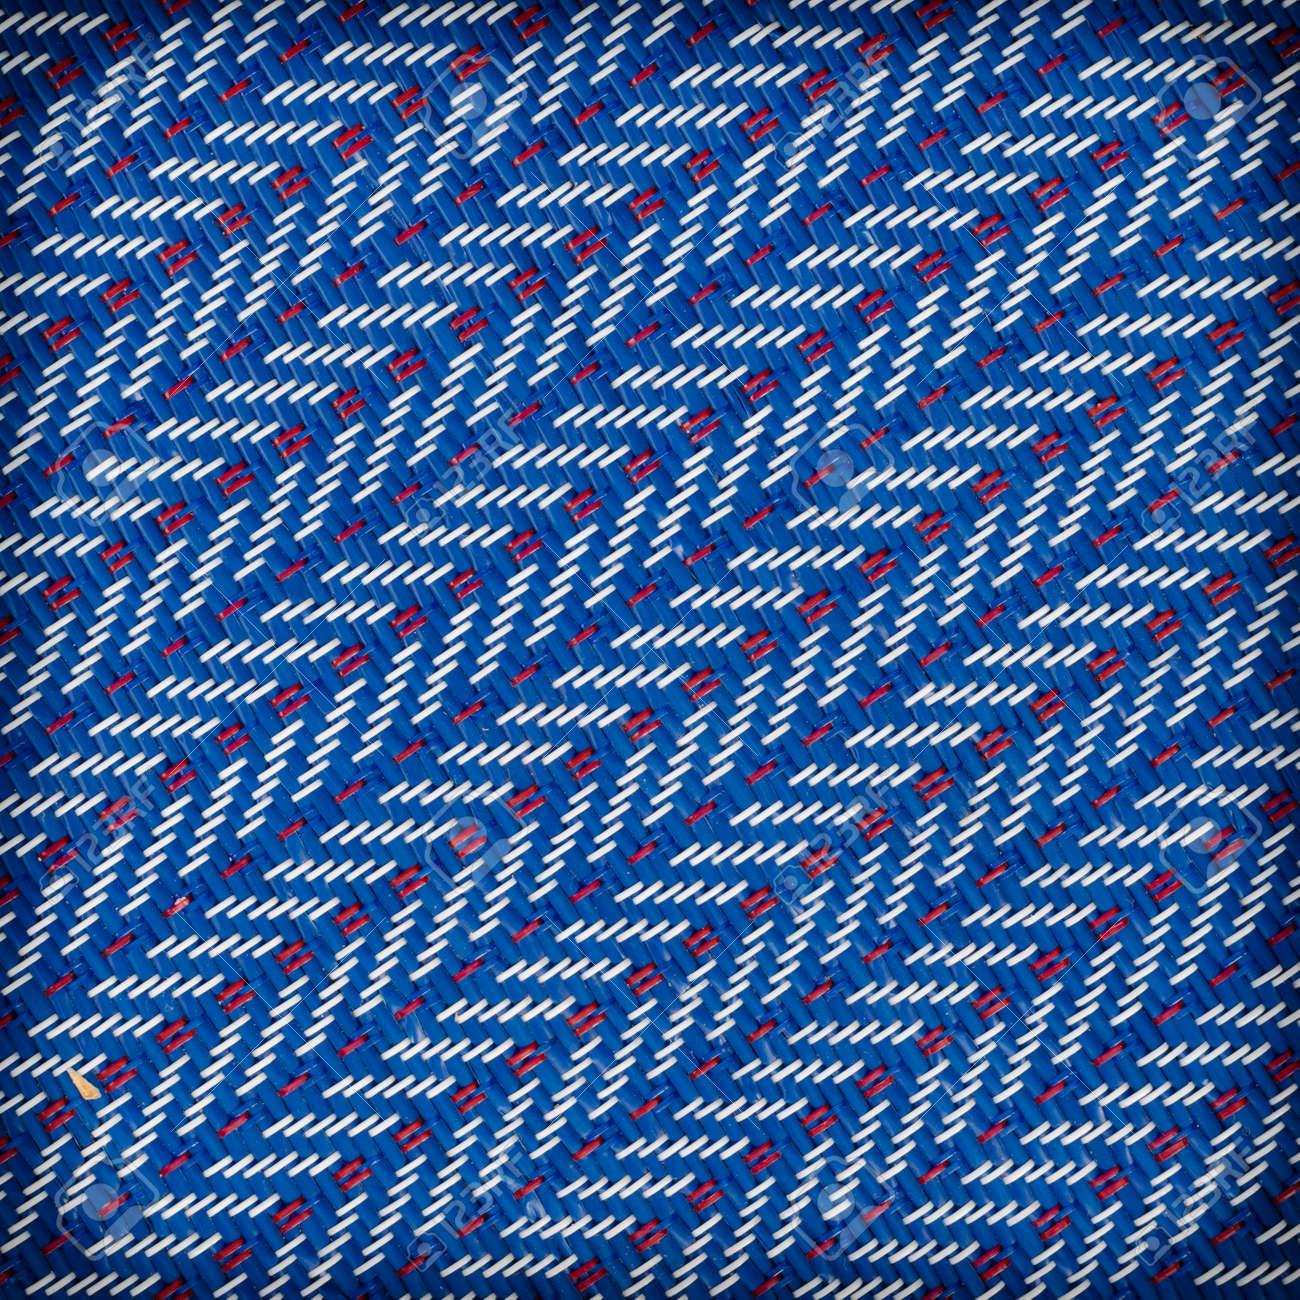 Deux Couleurs De Tapis En Plastique Tisse Rouge Et Bleu